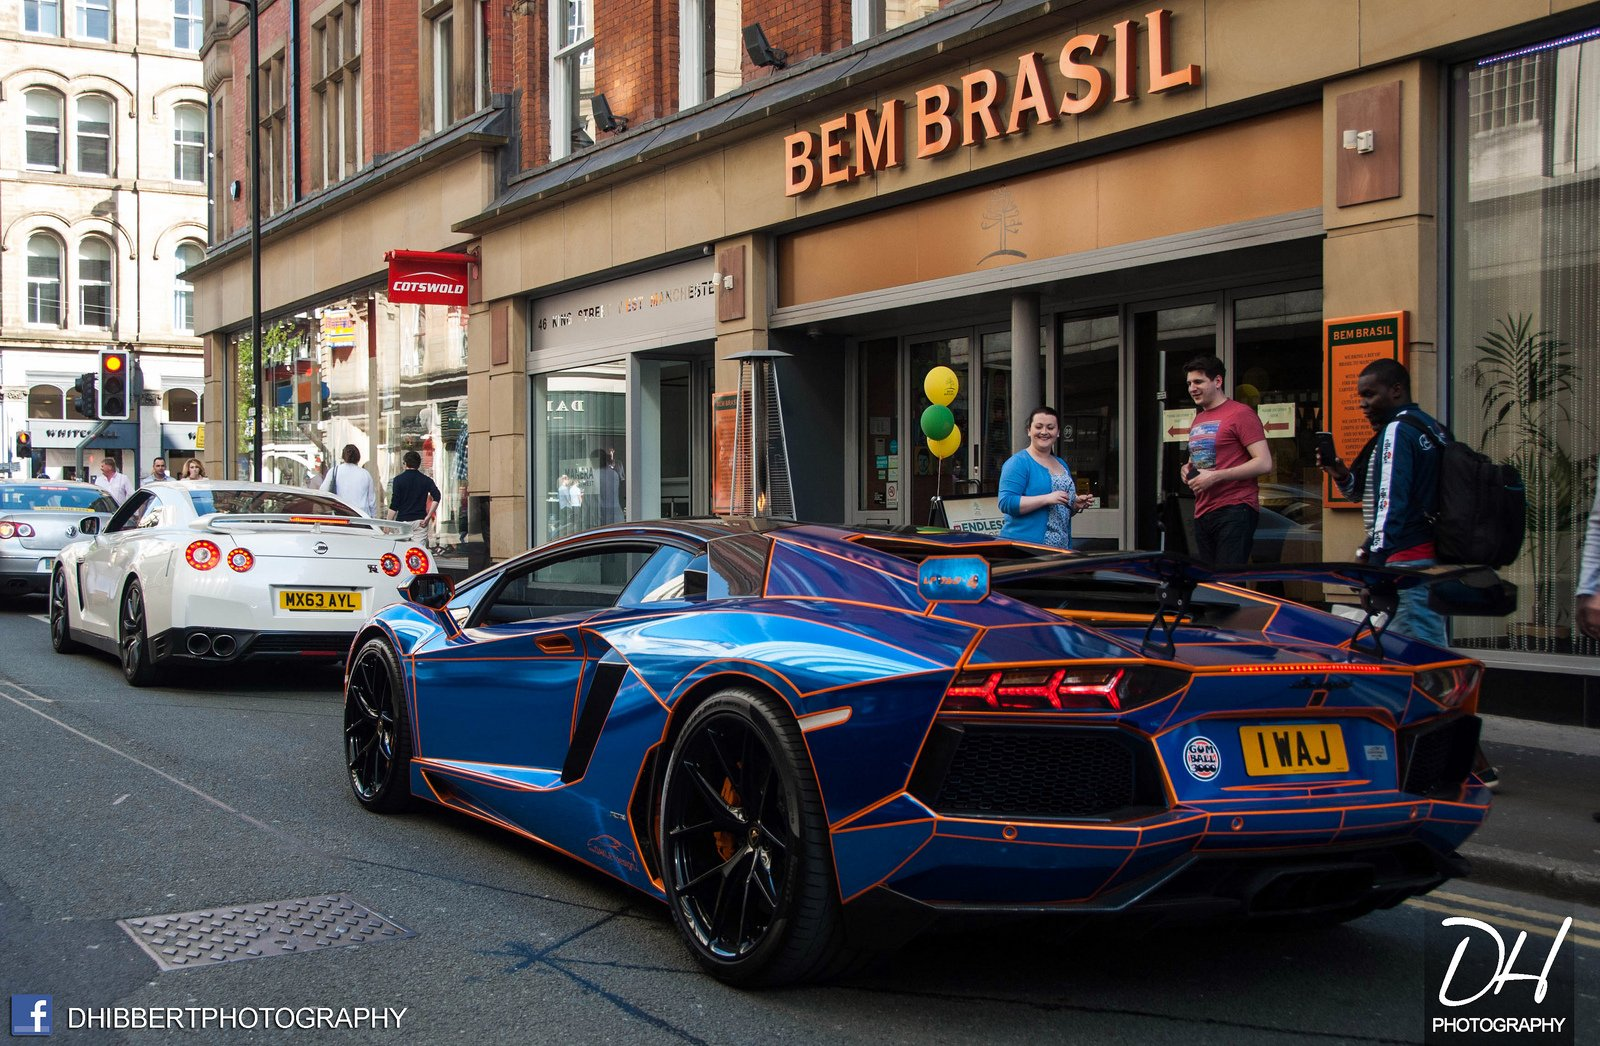 lamborghini aventador lp700 4 chrome blue tuning supercars wallpaper 1600x1046 393714 wallpaperup - Lamborghini Aventador Blue Chrome